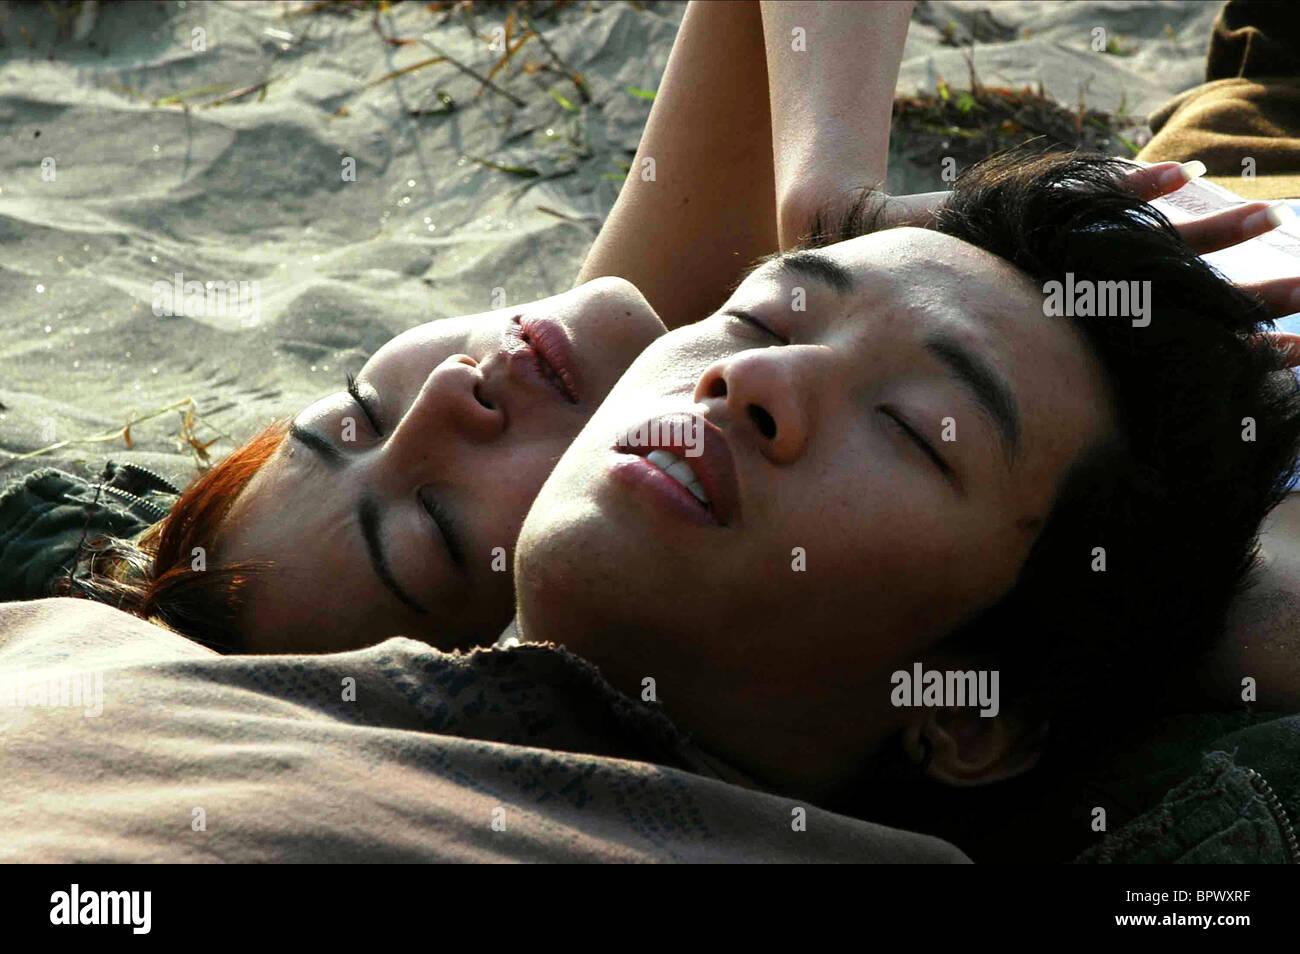 Scène du film QUAND JE SUIS 20 (2008) Photo Stock